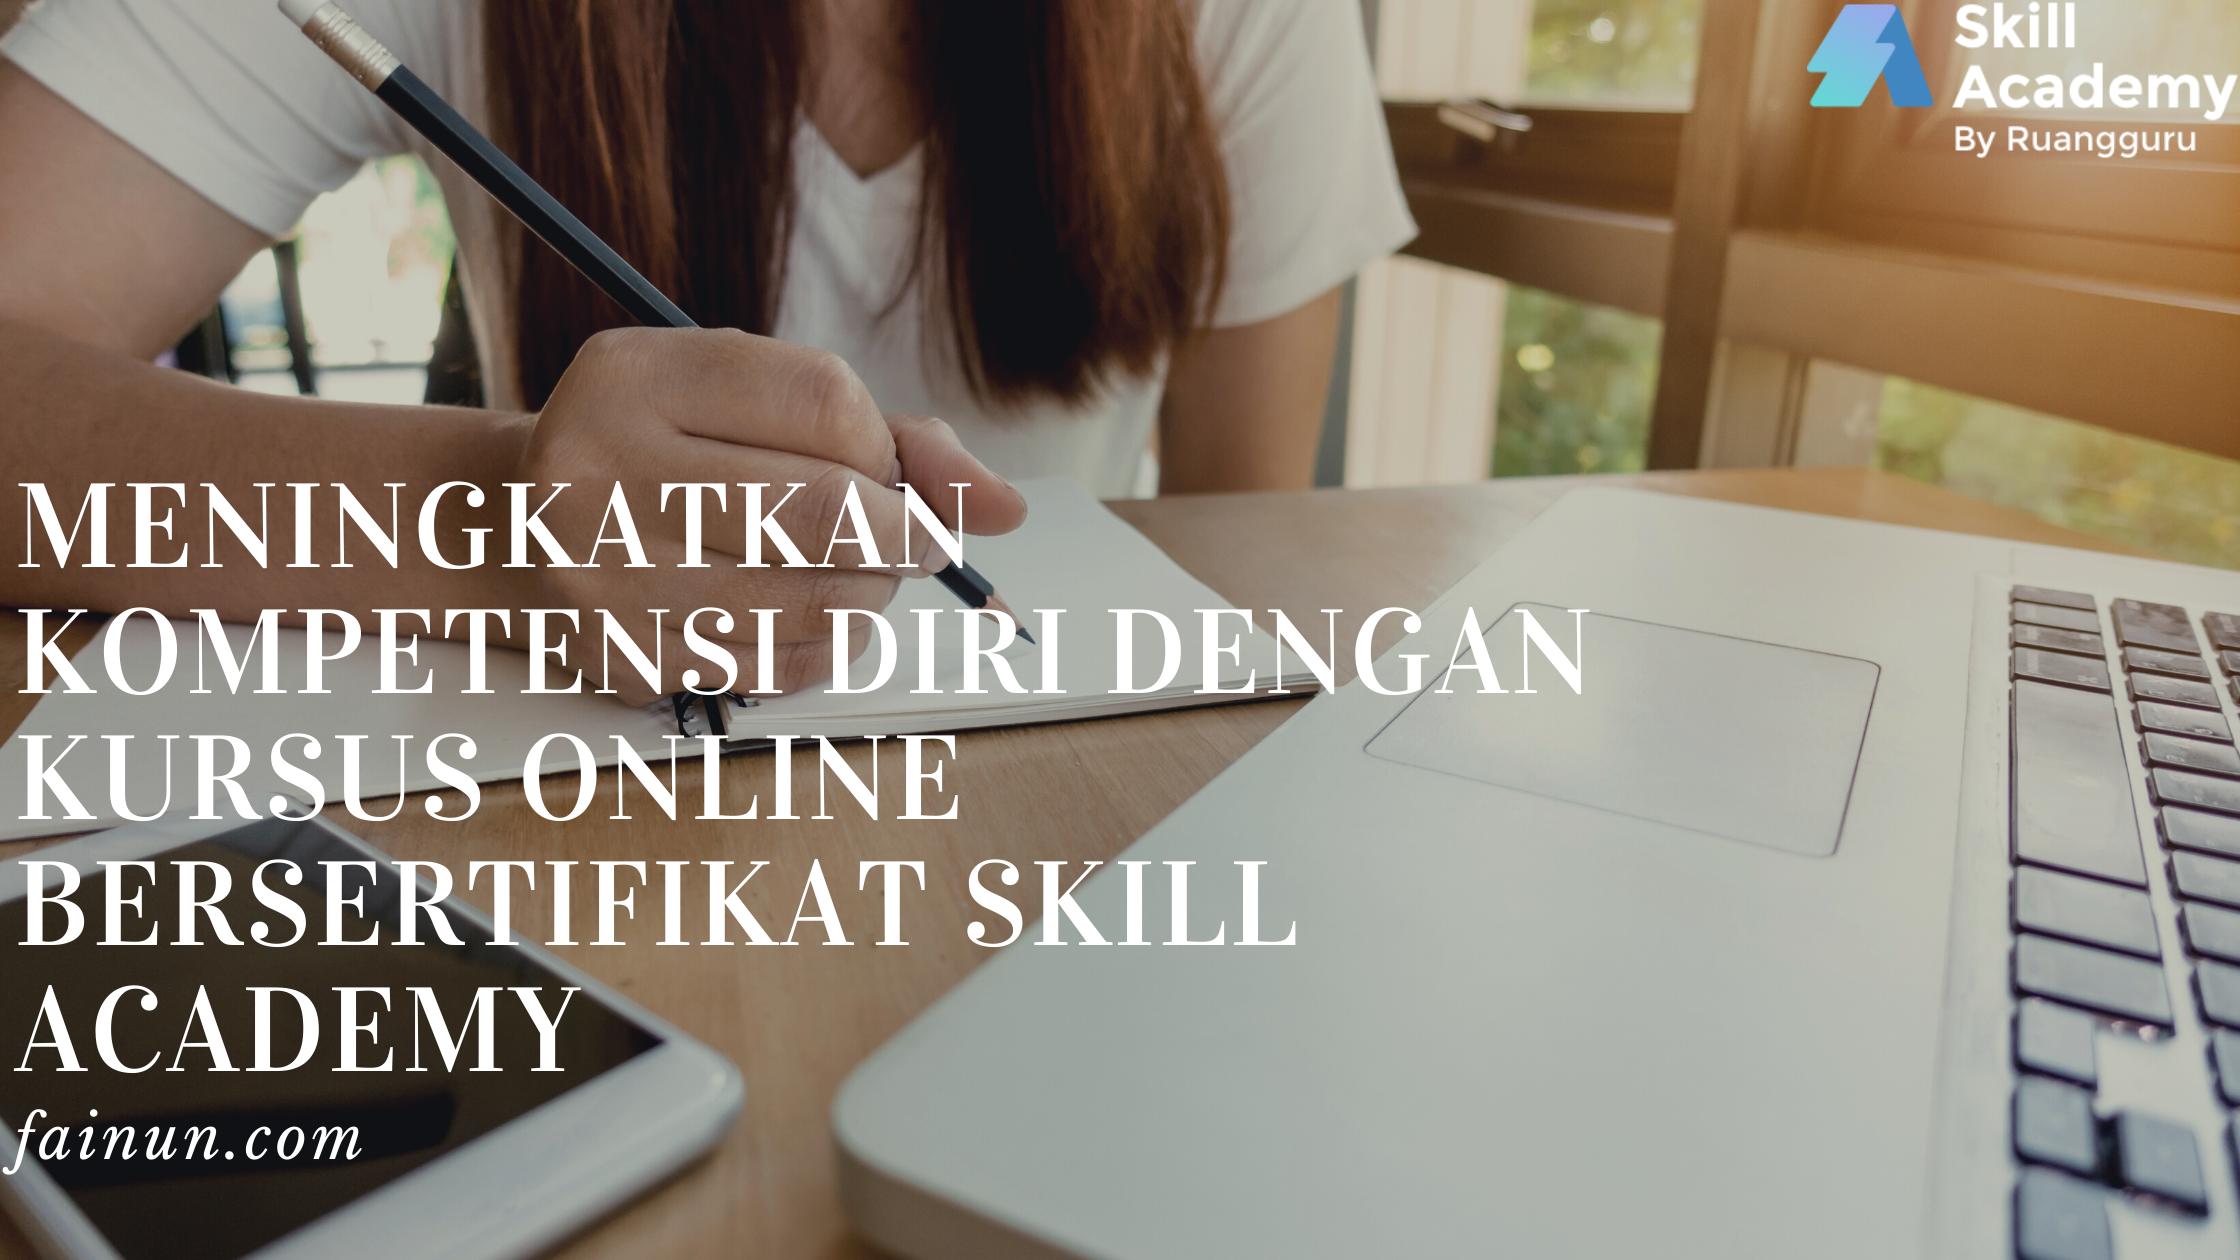 Meningkatkan Kompetensi Diri dengan Kursus Online Bersertifikat Skill Academy